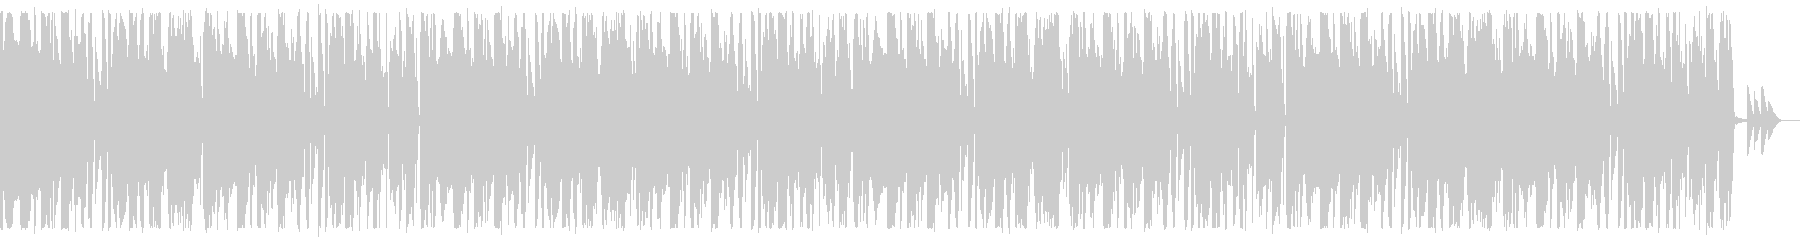 フューチャーベース_No627_5の未再生の波形